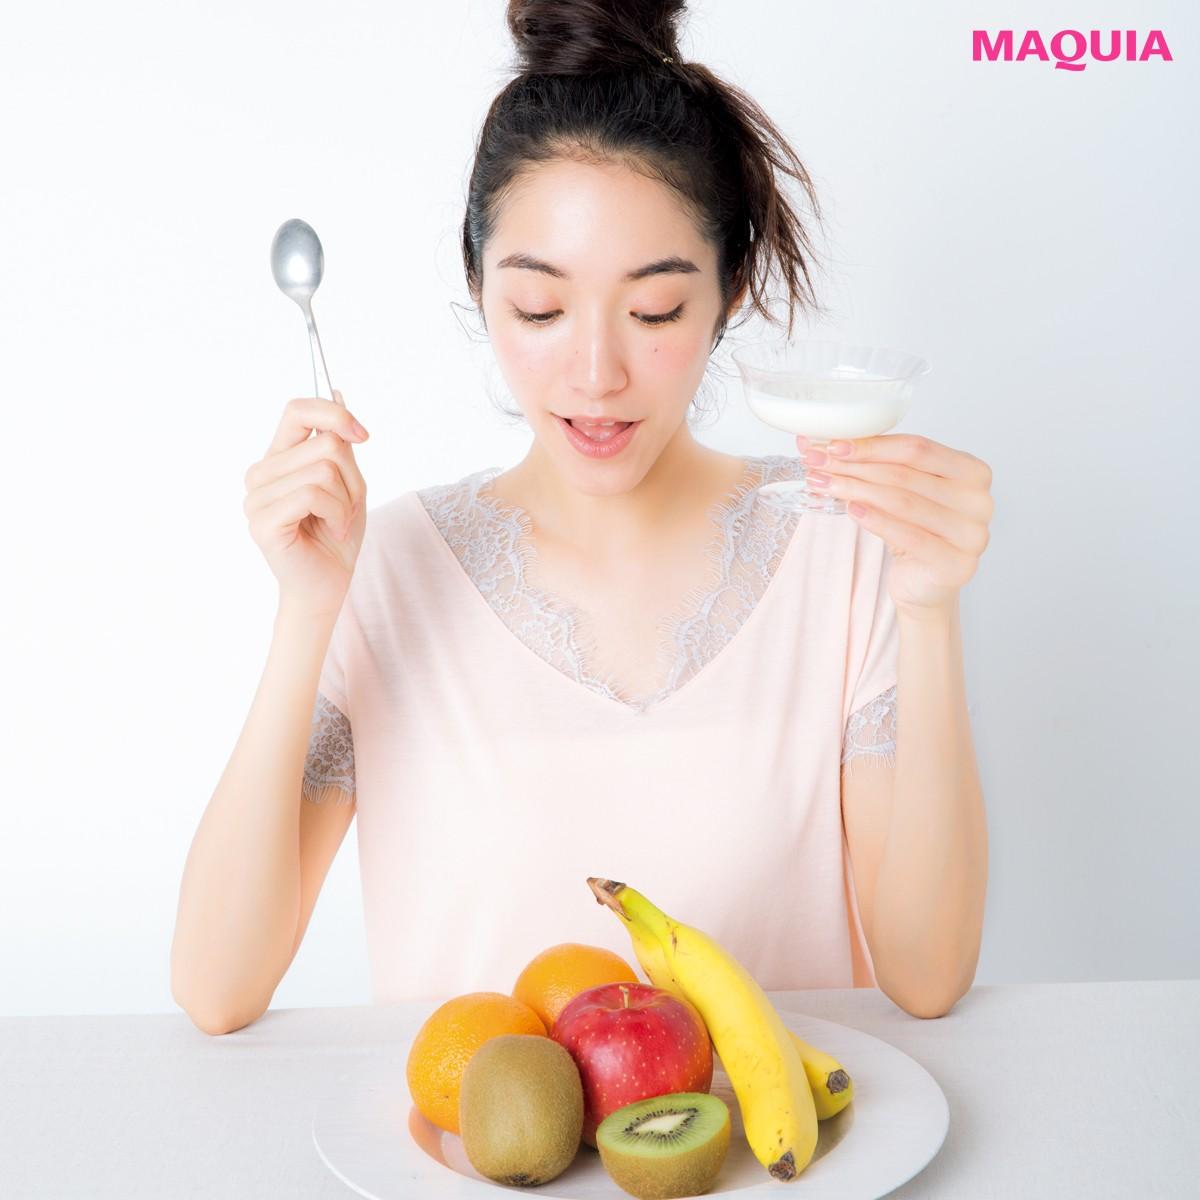 今月は美腸強化月間! 食事法を見直して、体の内側からキレイに